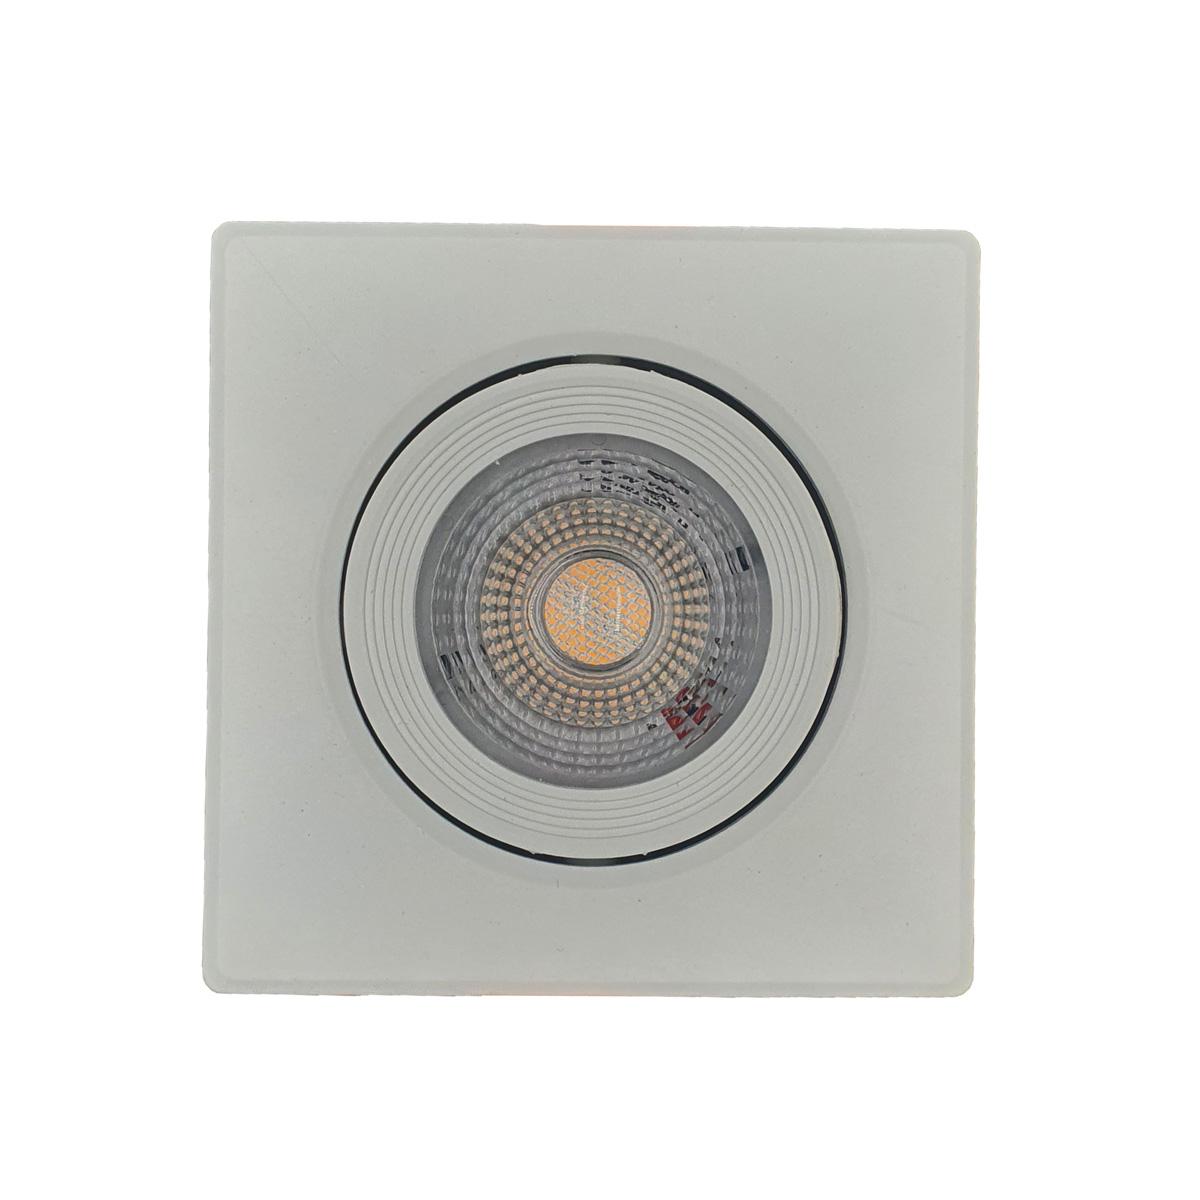 Spot LED SMD 5w Dicróica Direcionável Quadrado Forte Luz Fria